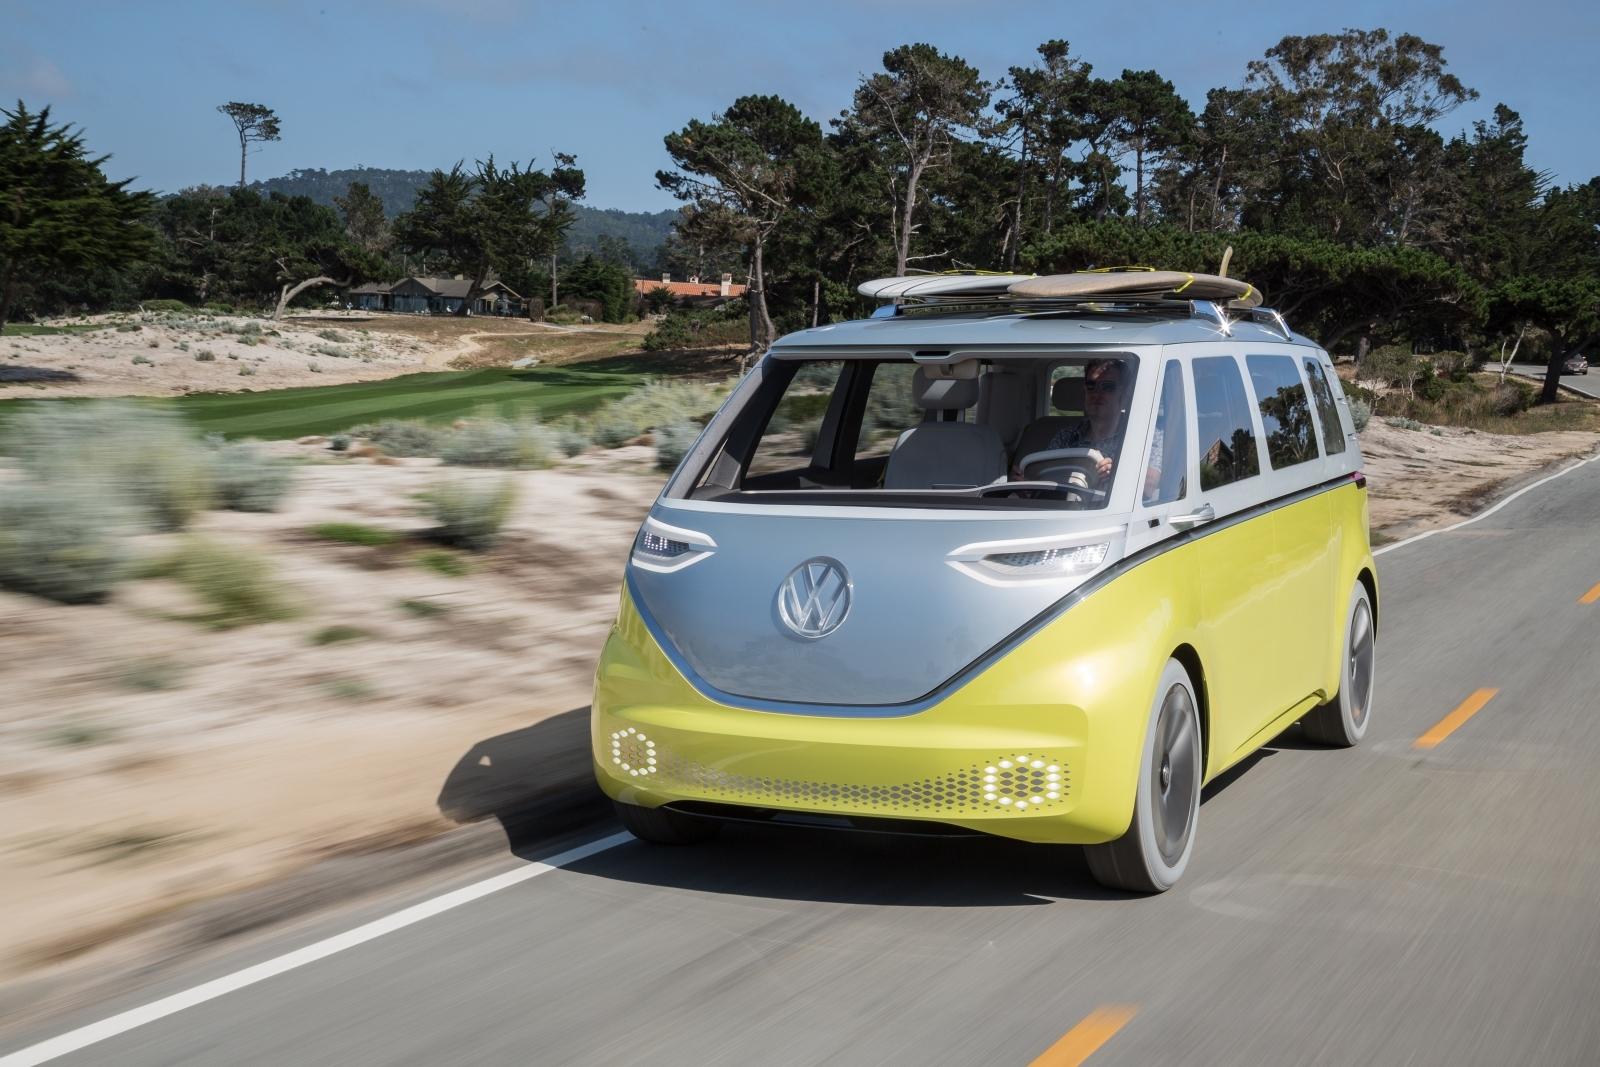 Volkswagen ID Buzz electric van